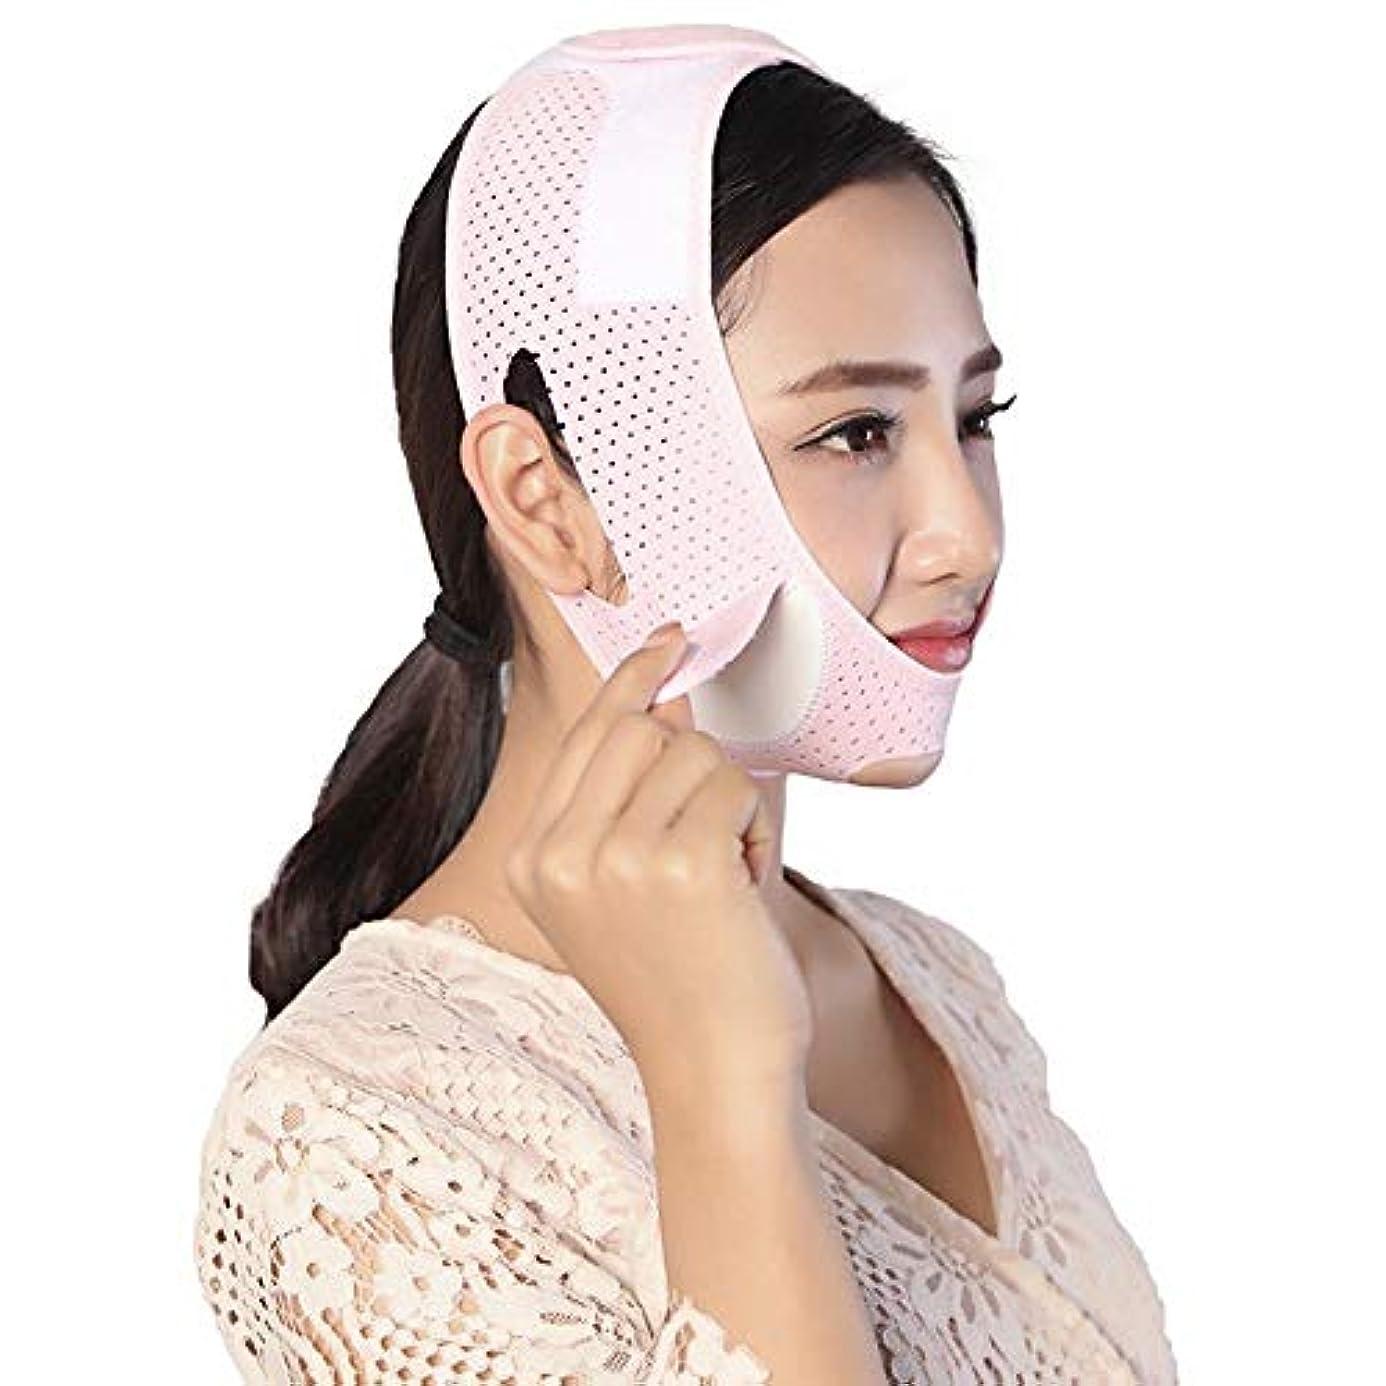 征服するみ展開するフェイシャルリフティング痩身ベルト - 圧縮二重あご減量ベルトスキンケア薄い顔包帯